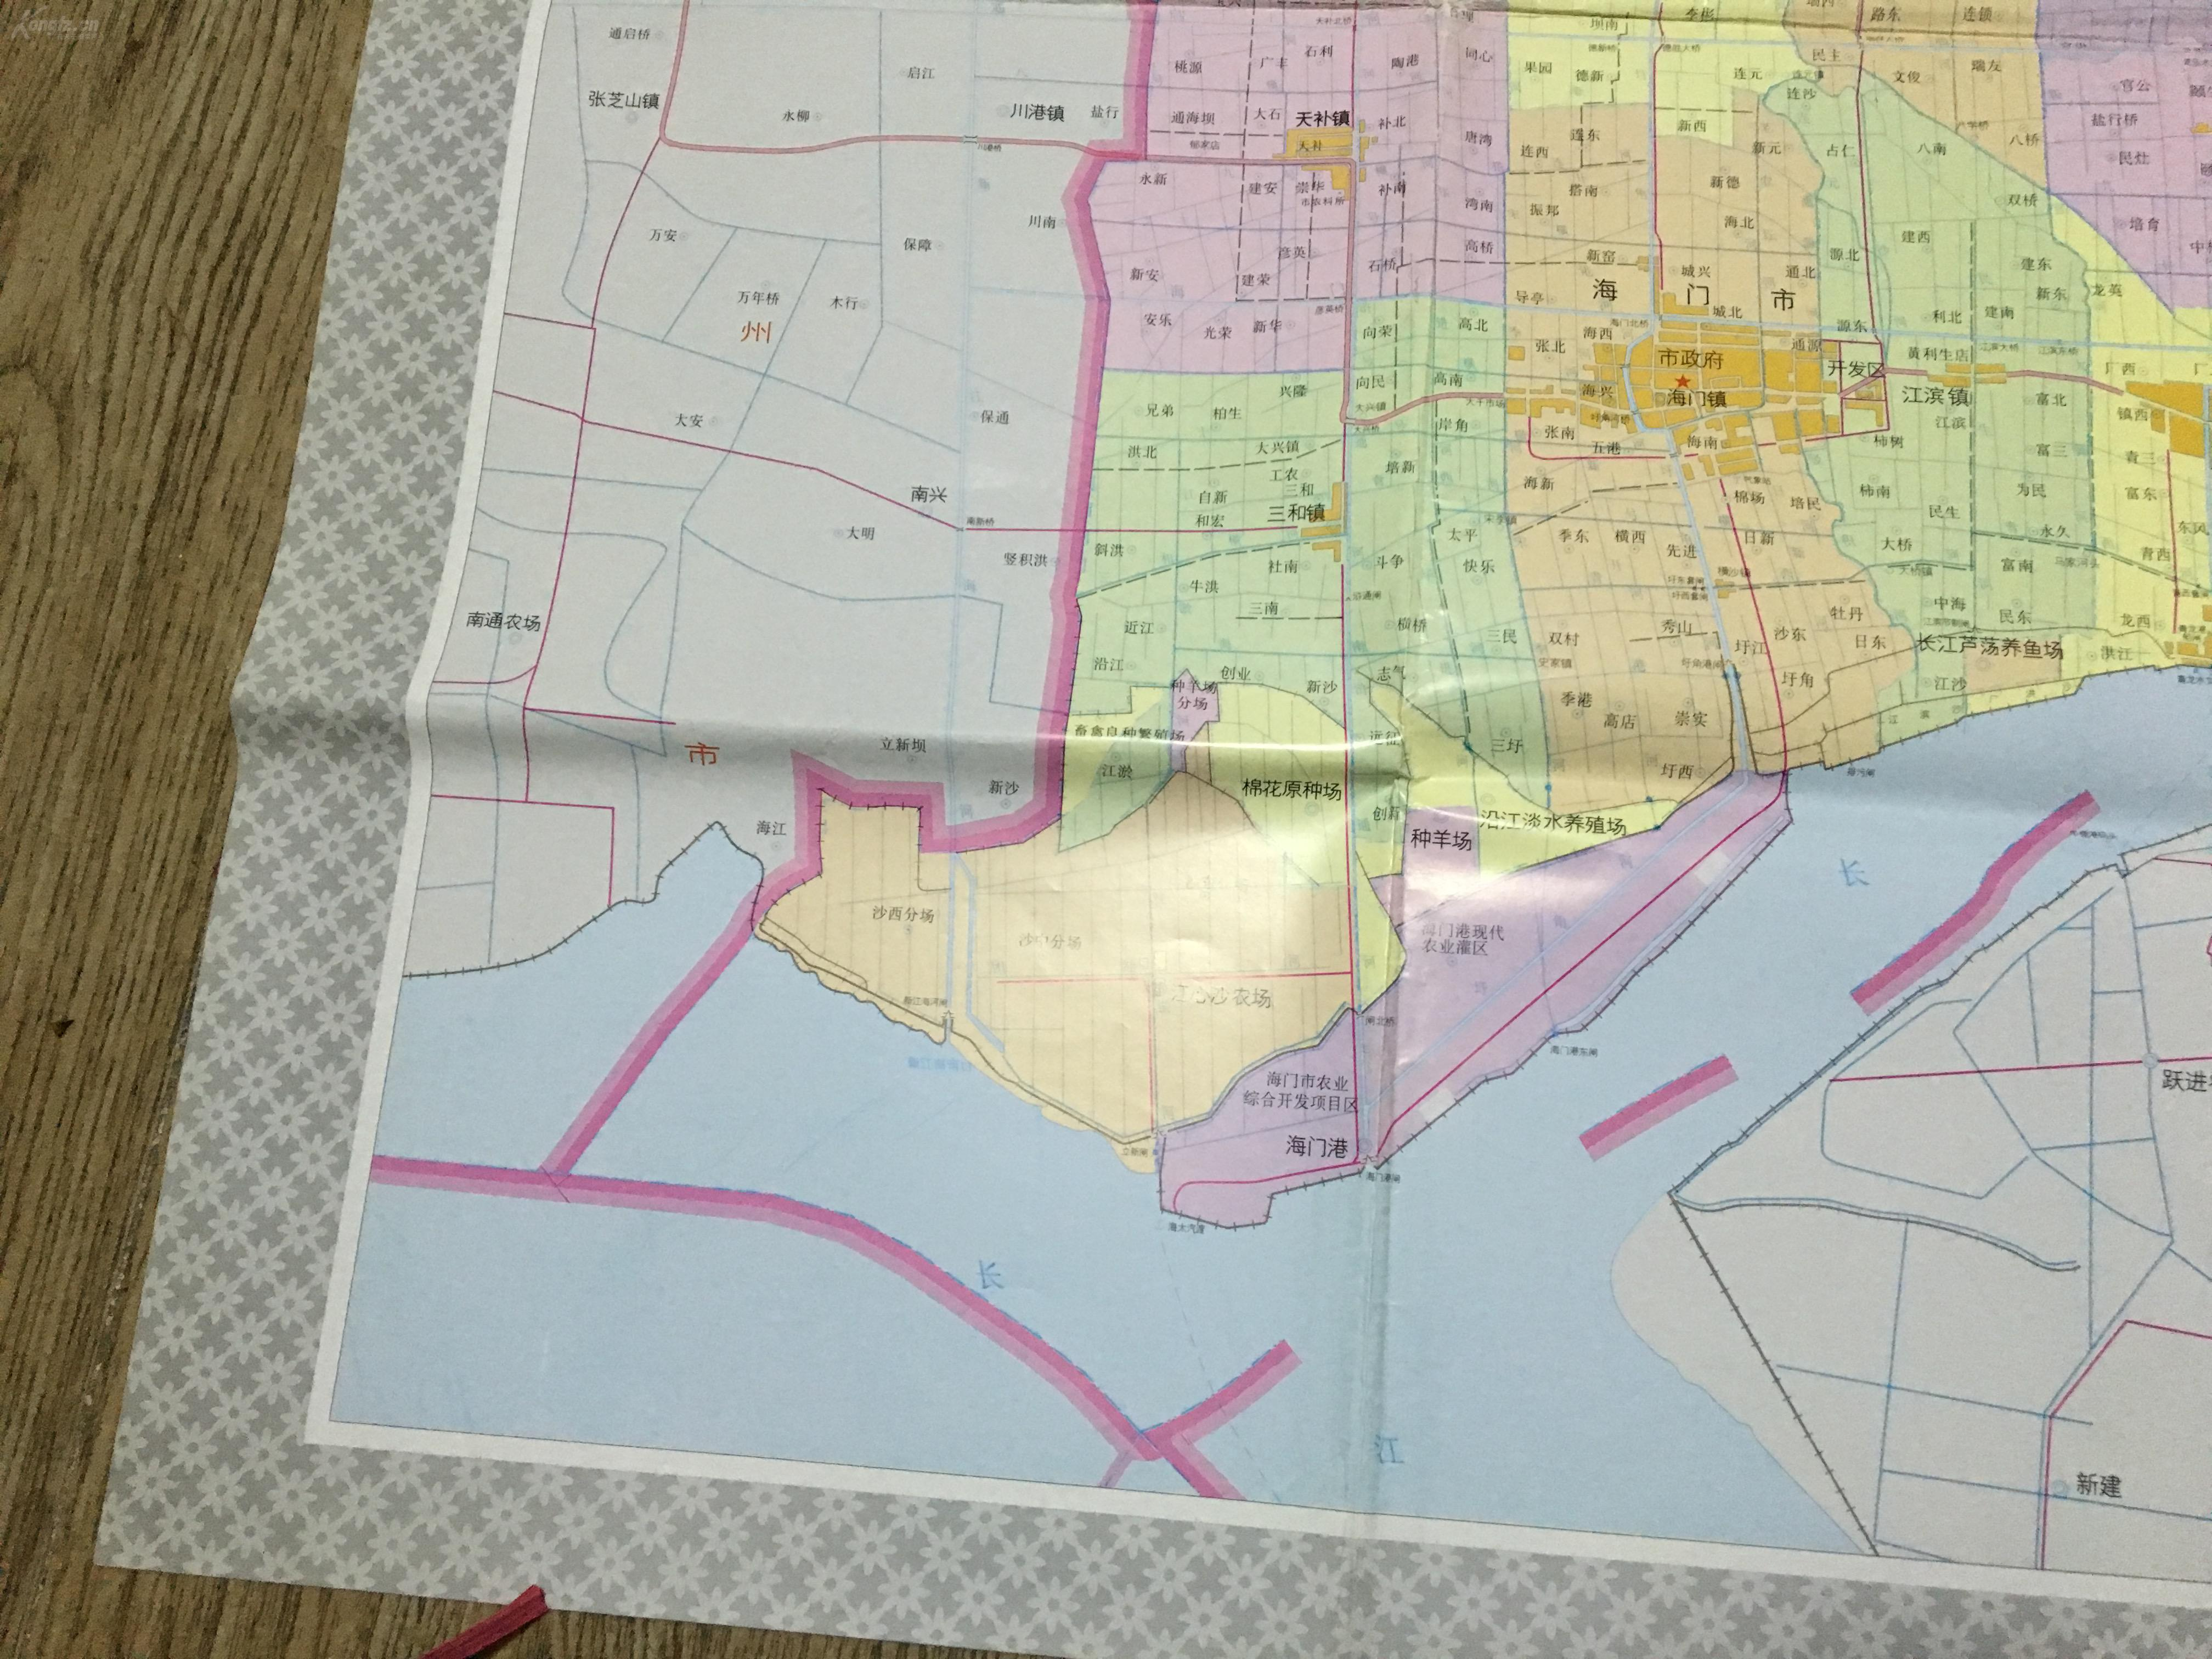 海门市地图 大幅